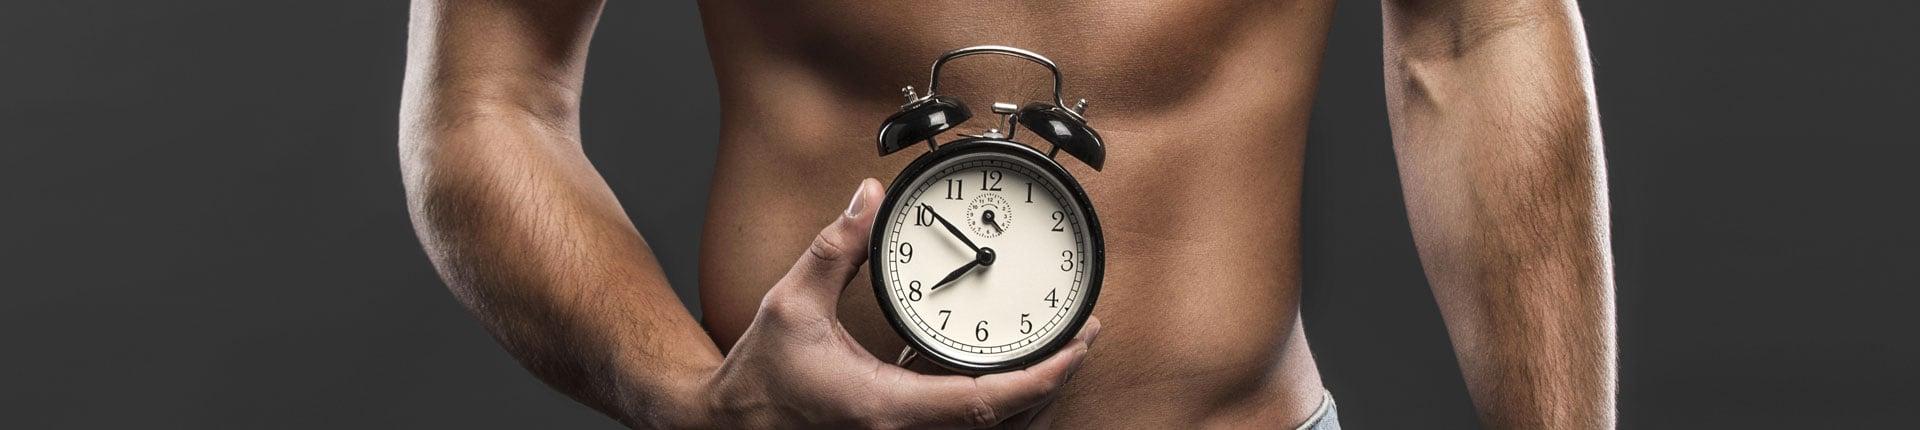 Nie mam czasu na trening! Jak znaleźć czas na ćwiczenia?